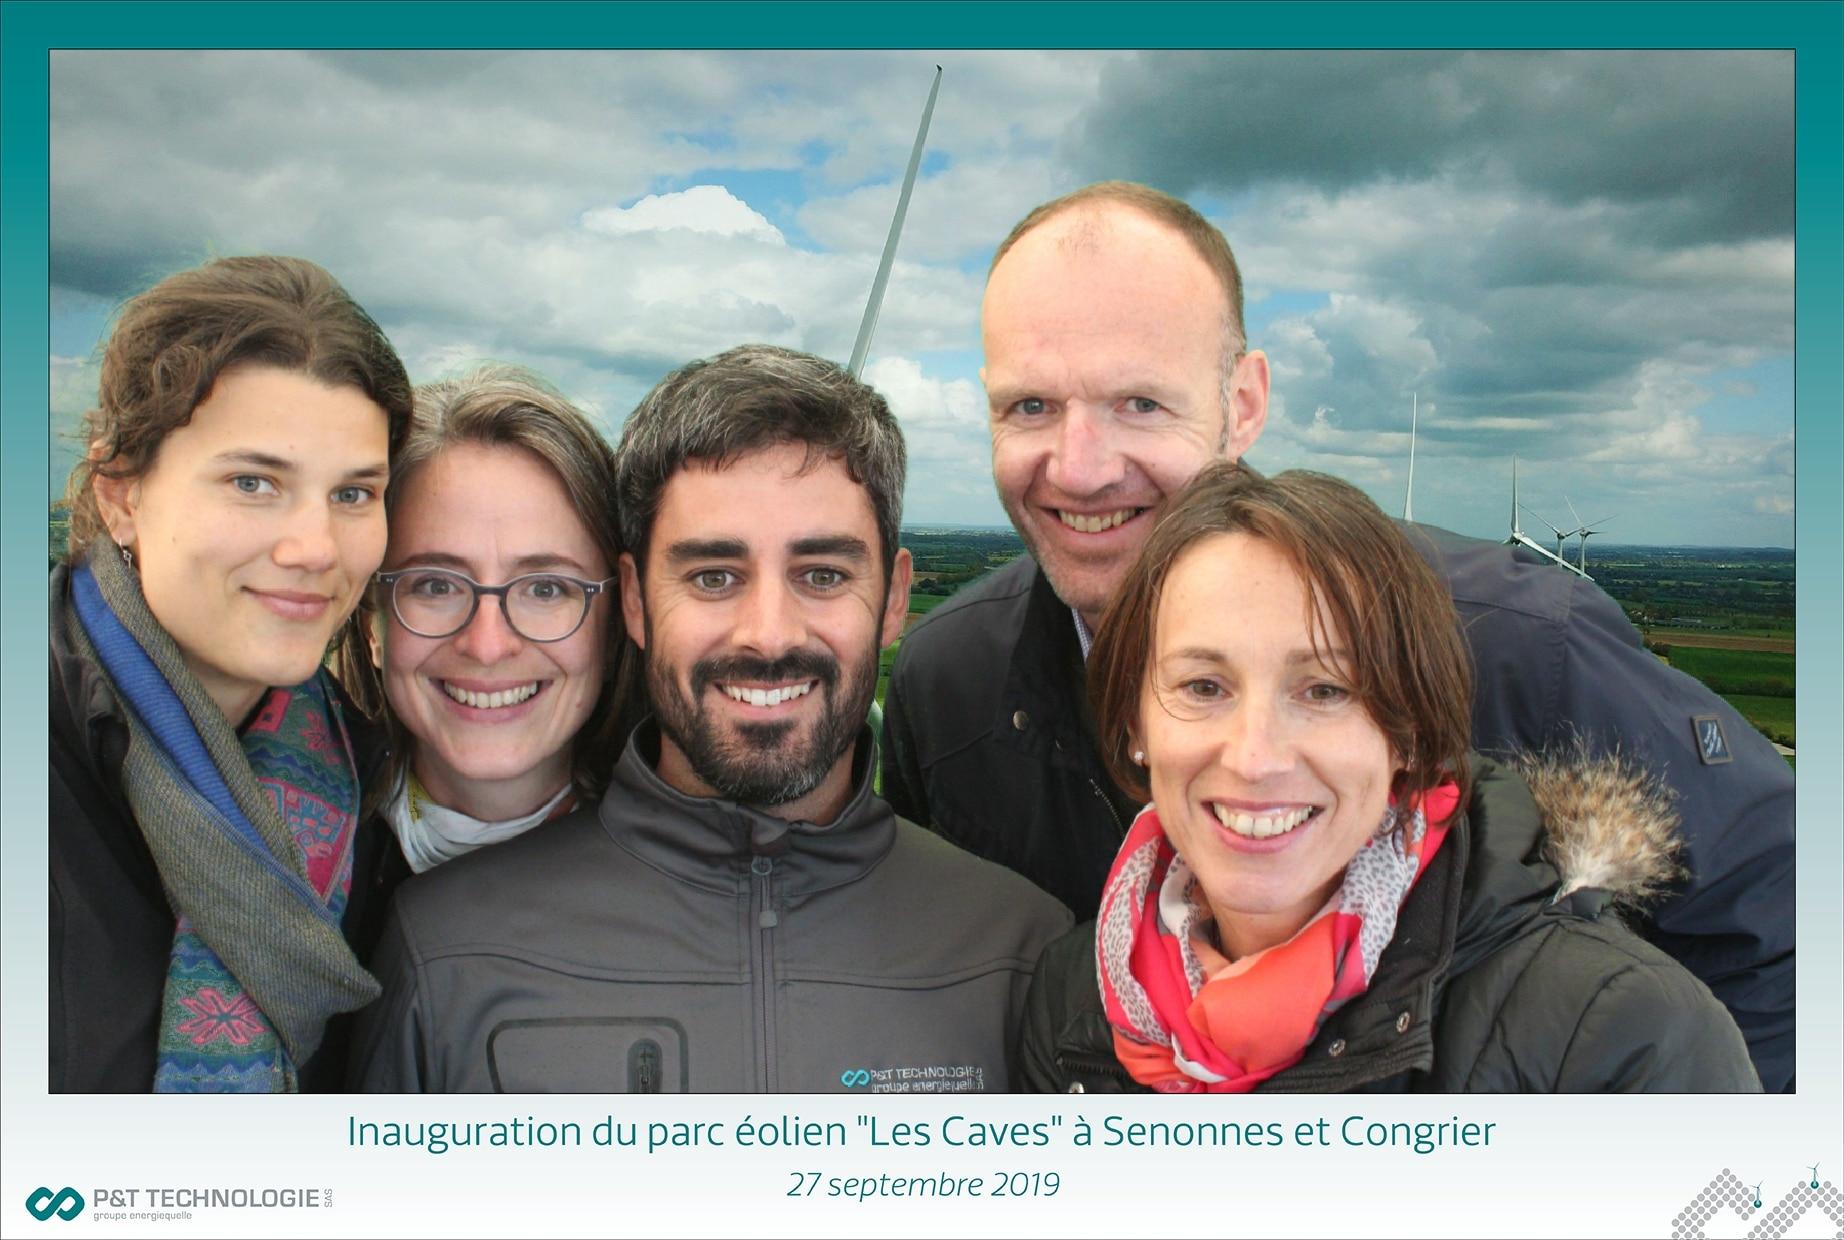 Selfie personnalisé au parc éolien Les Caves au sud de la Mayenne - animation borne photo fond vert inauguration Laval et en Mayenne